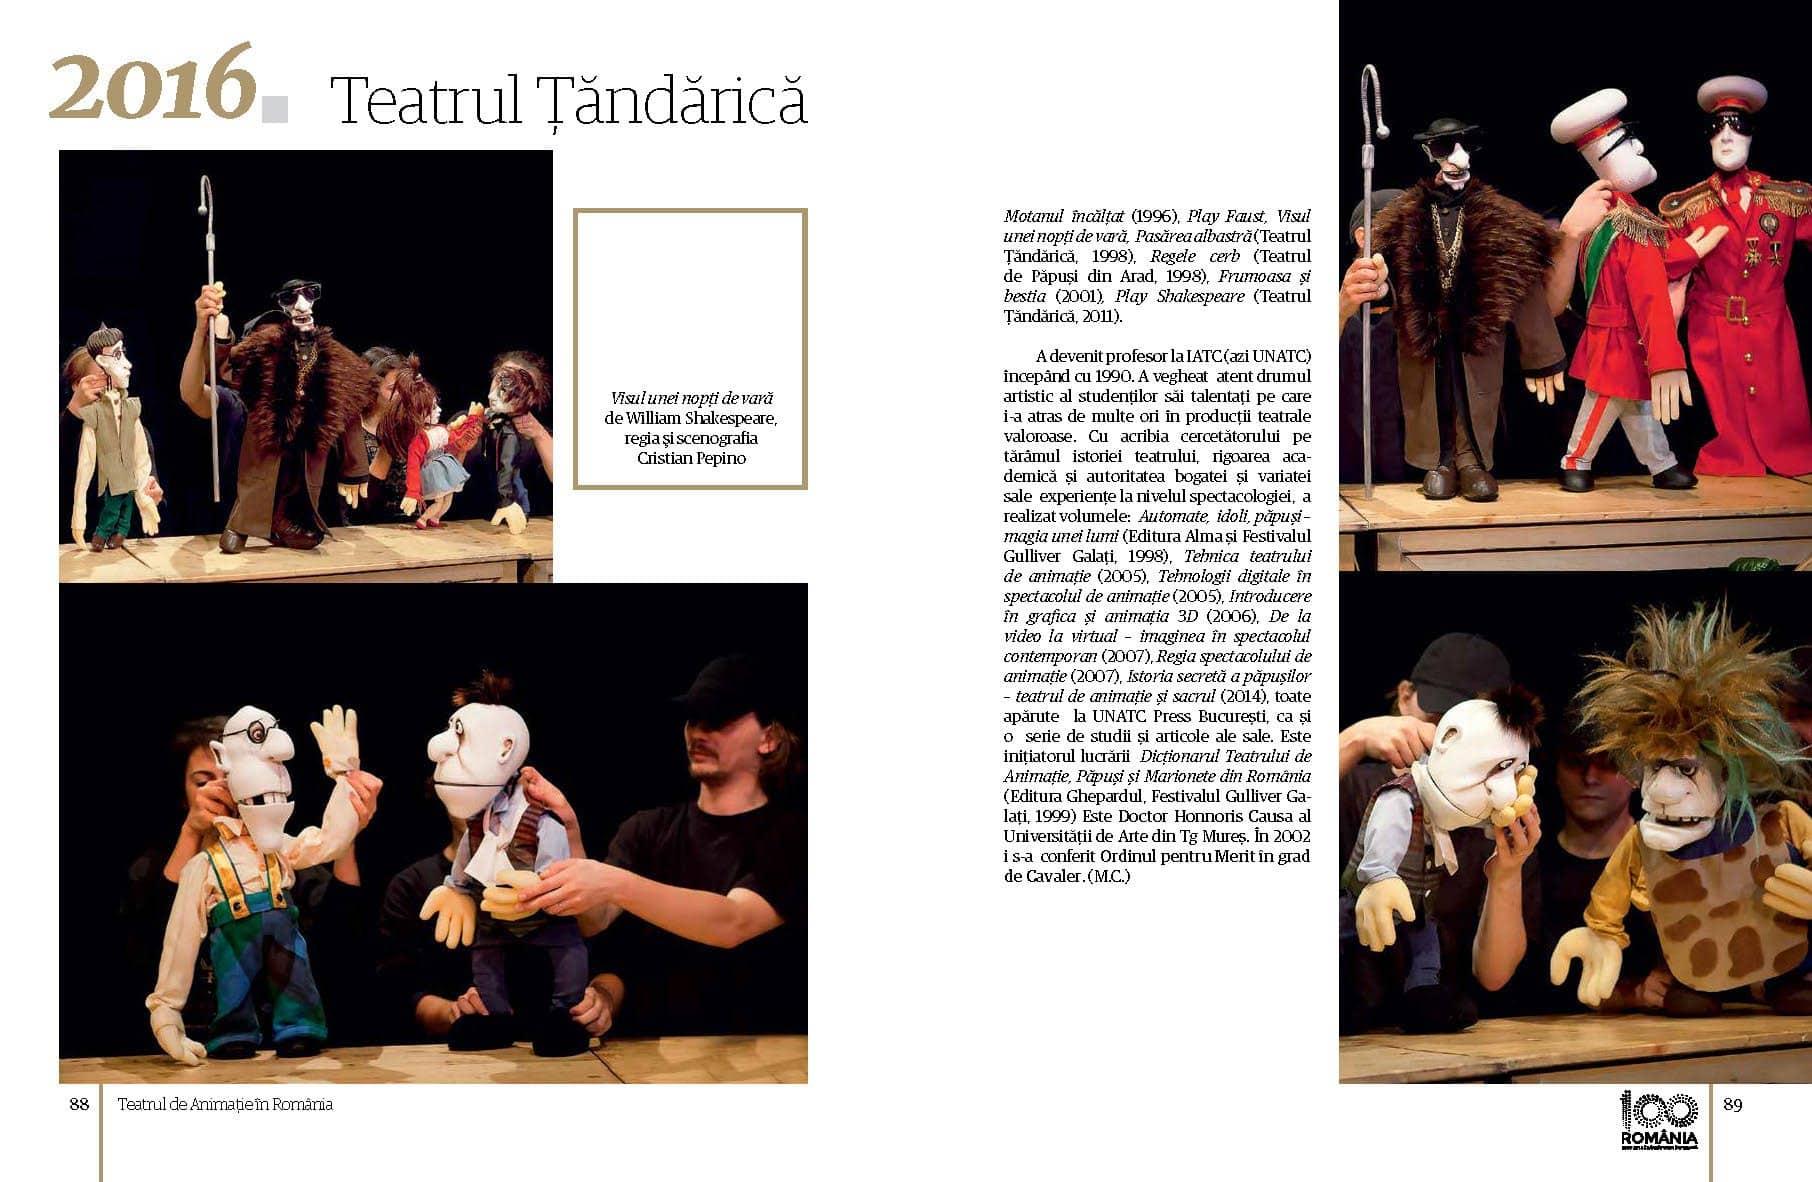 Album Teatrul de Animatie in Romania final preview fata in fata Page 45